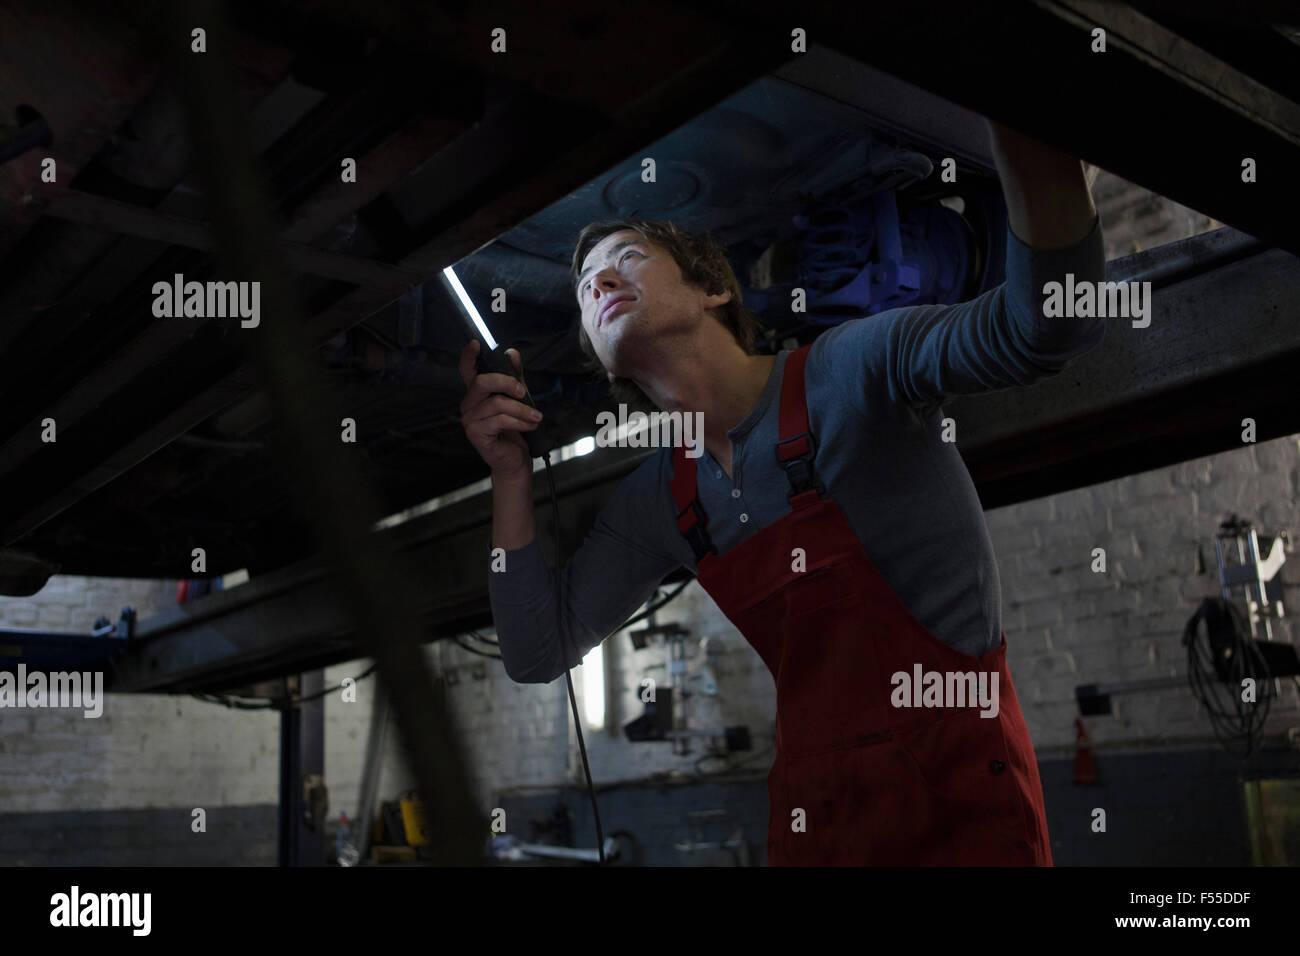 Mechanische Prüfung unter Auto in der garage Stockbild